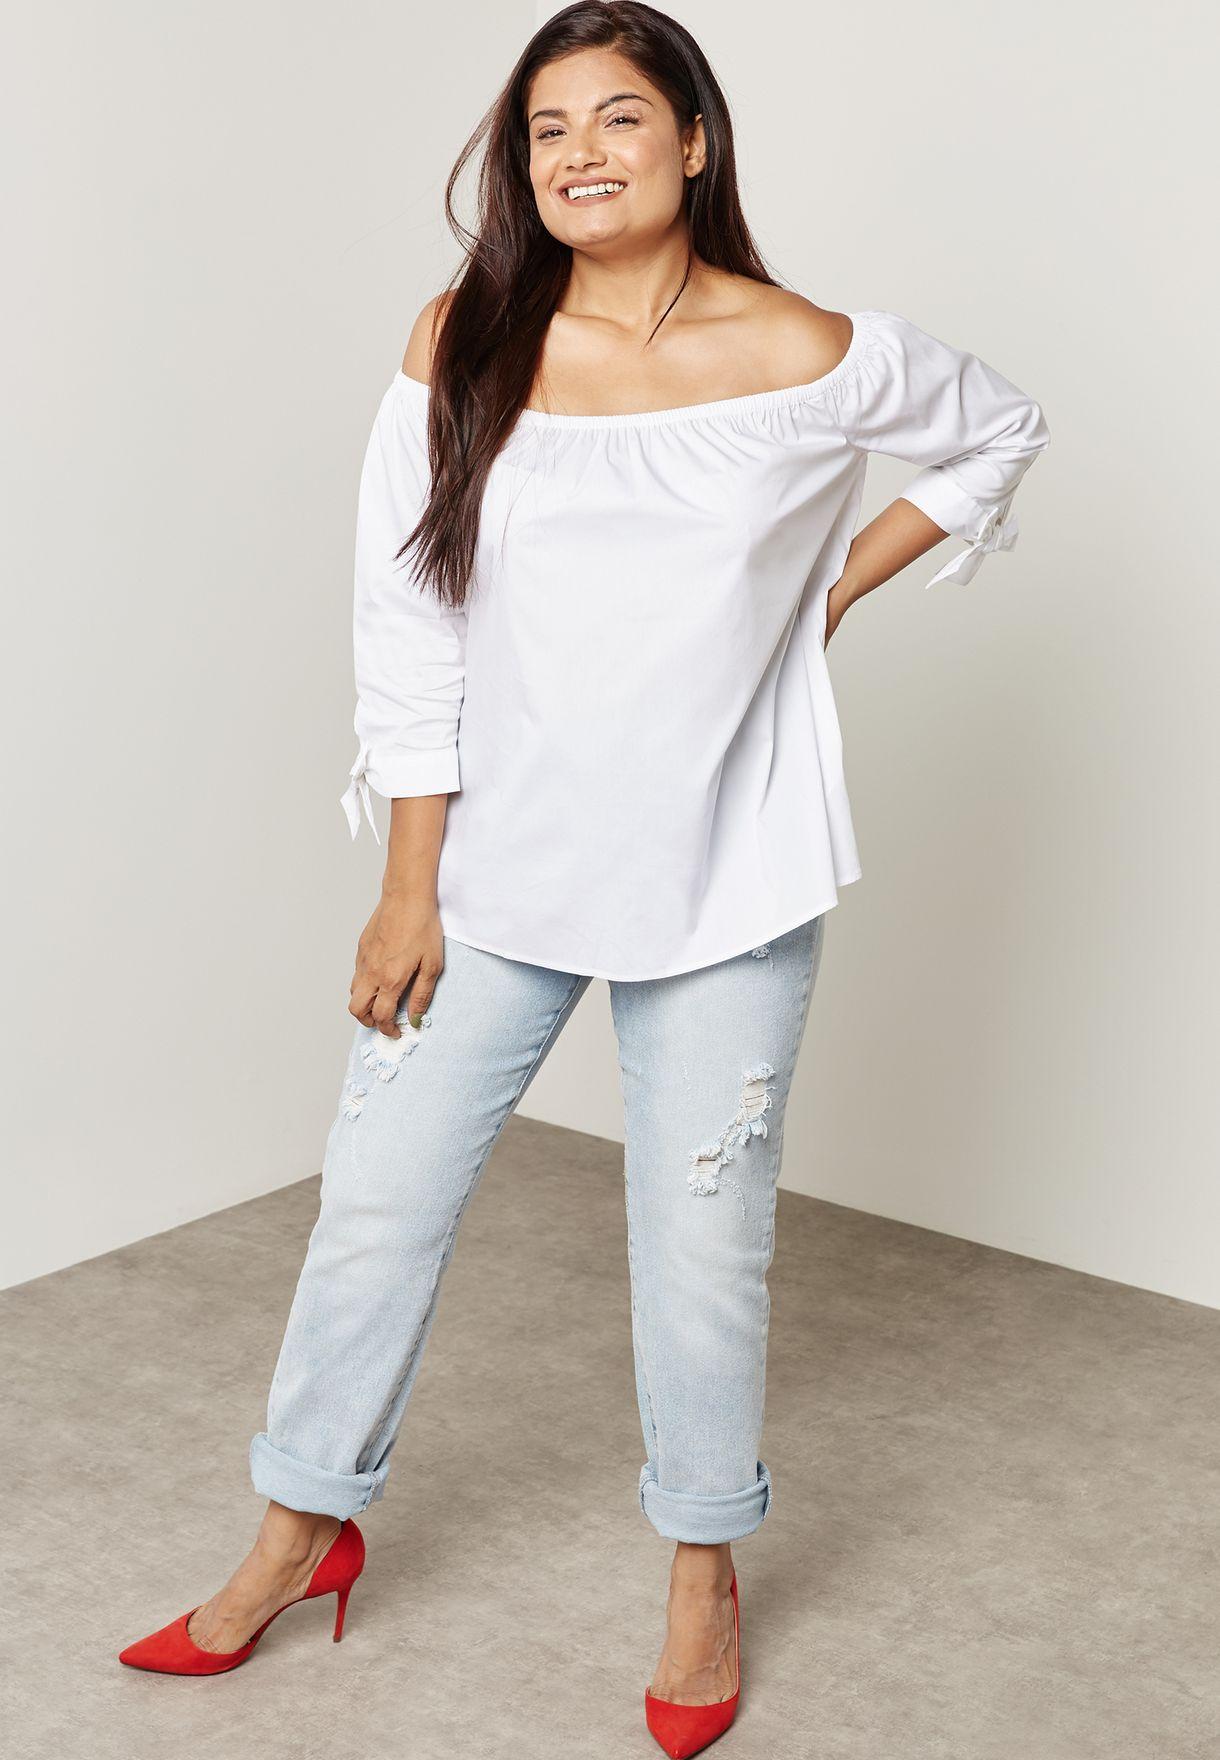 51ceda9e5c4e9 Shop Forever 21 Plus white Bardot Top 225683 for Women in UAE ...